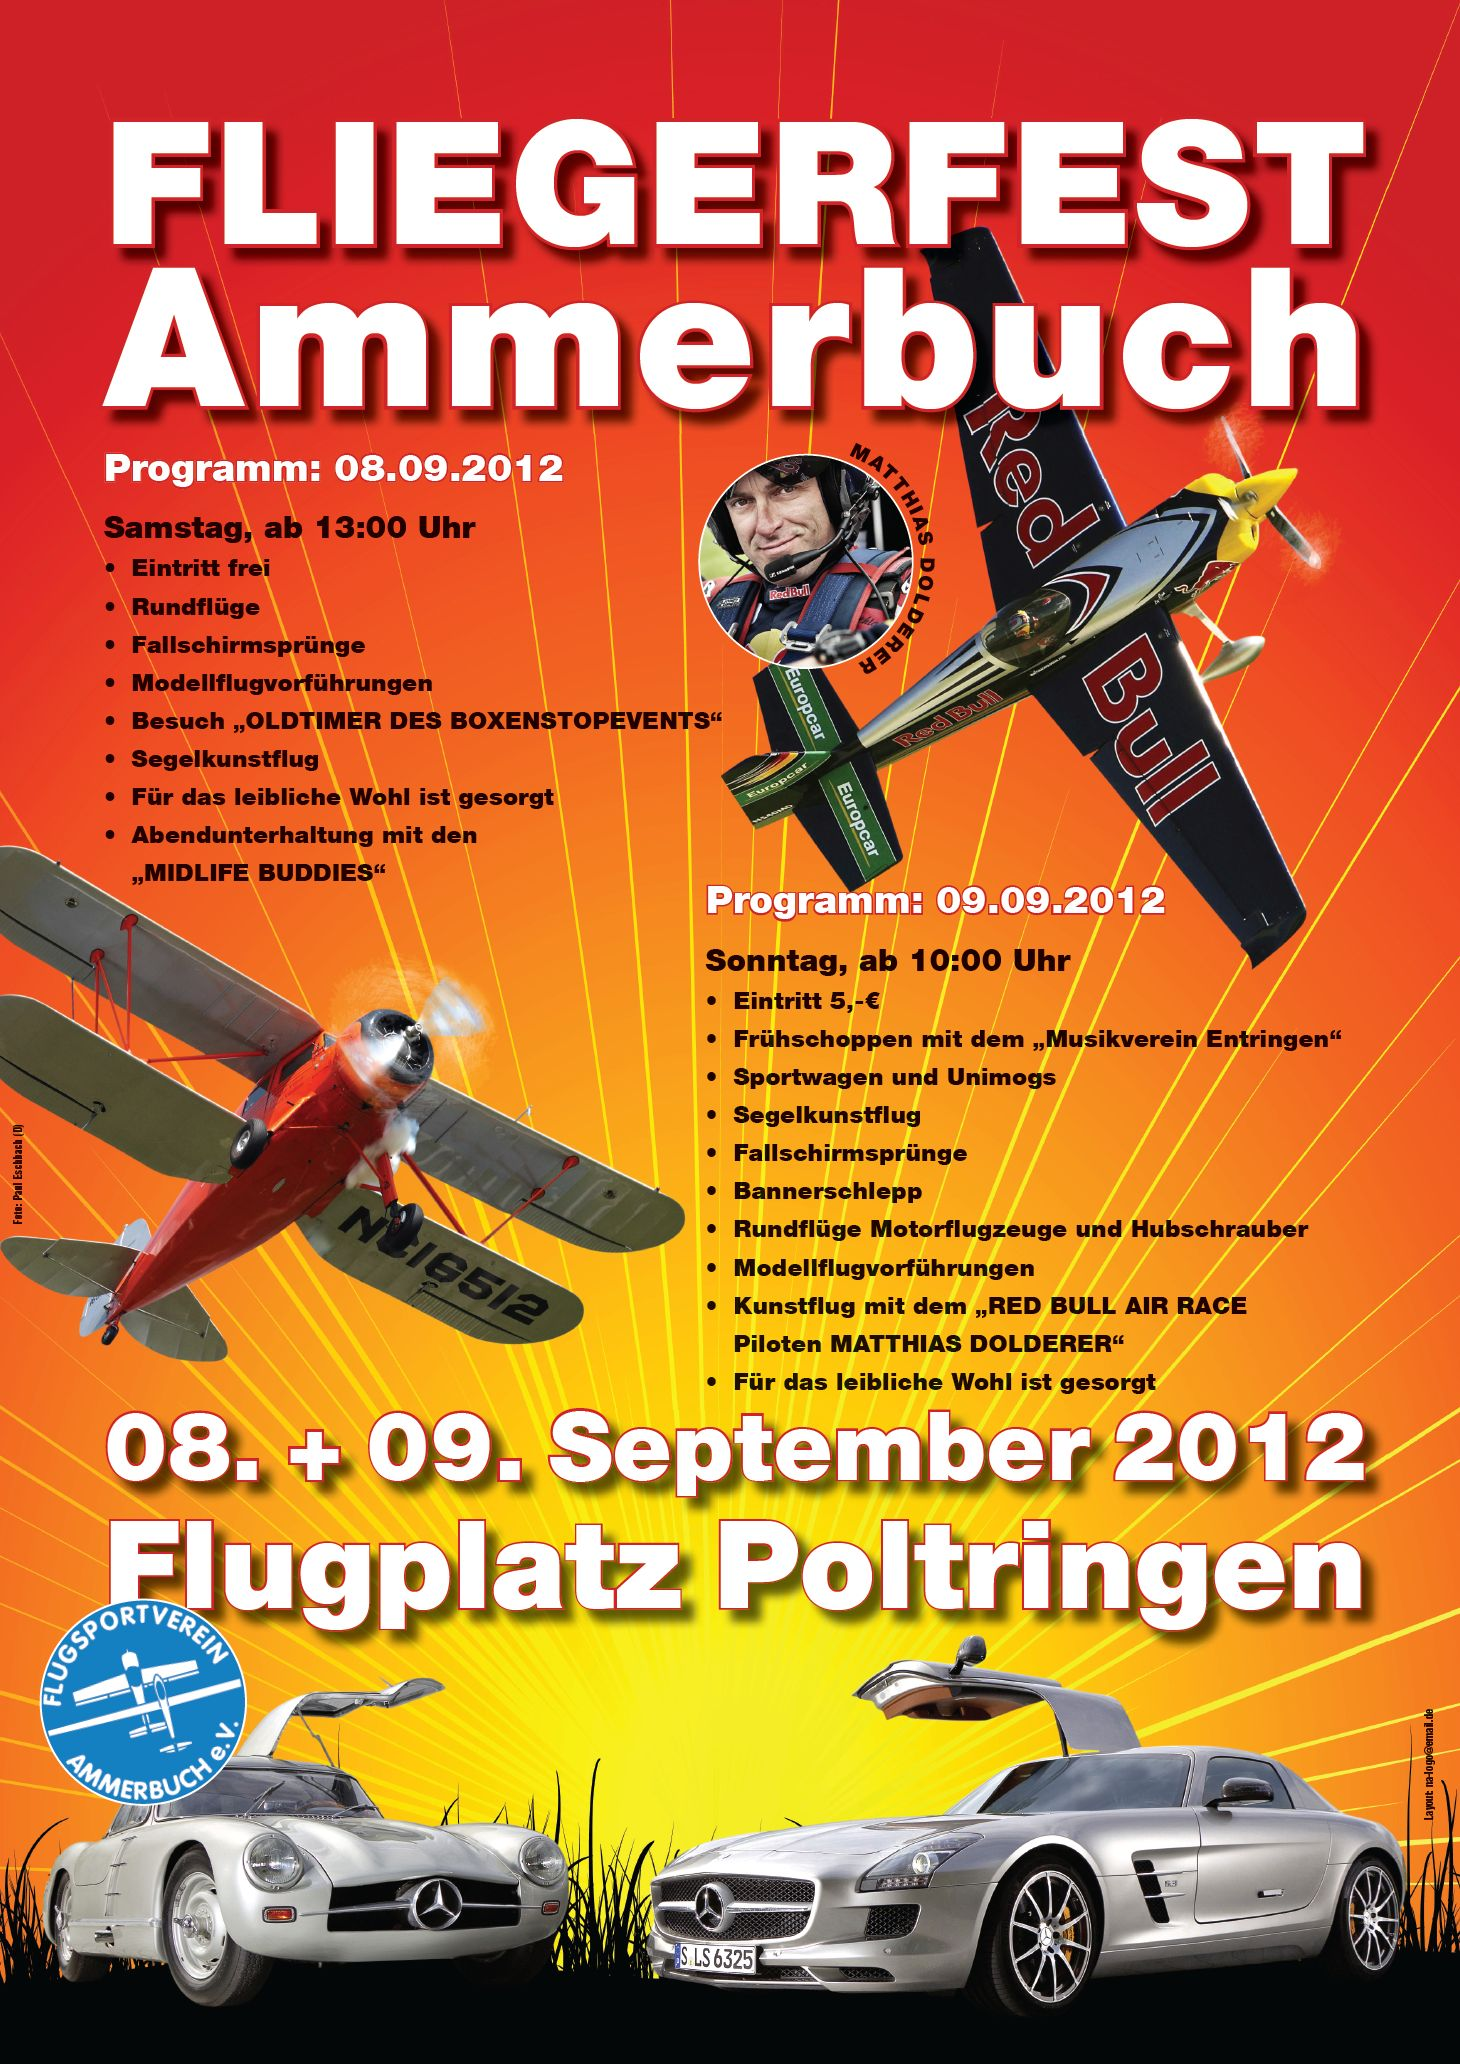 Fliegerfest Ammerbuch 2012